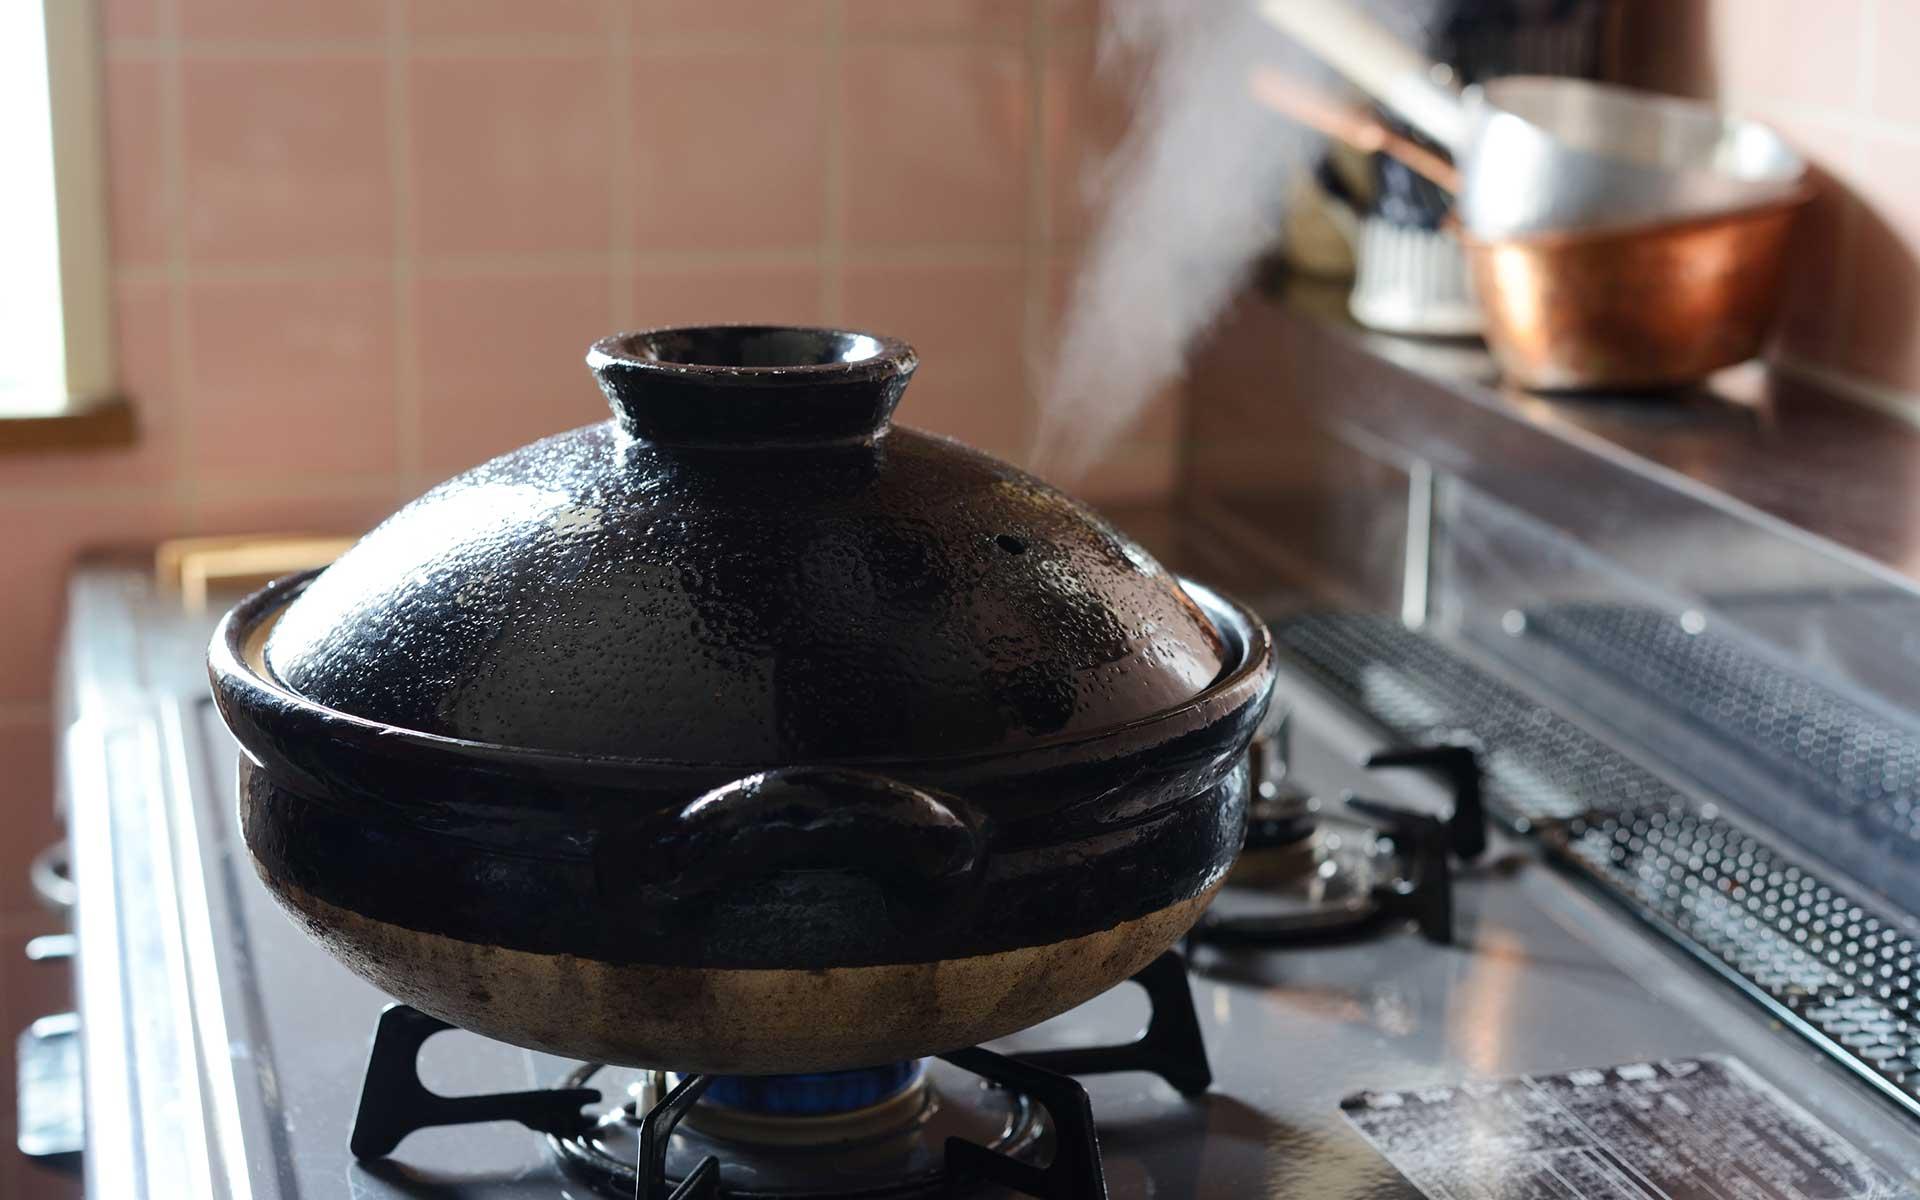 炊き上がりがまるで違う。旨味を引き出す土鍋の秘密